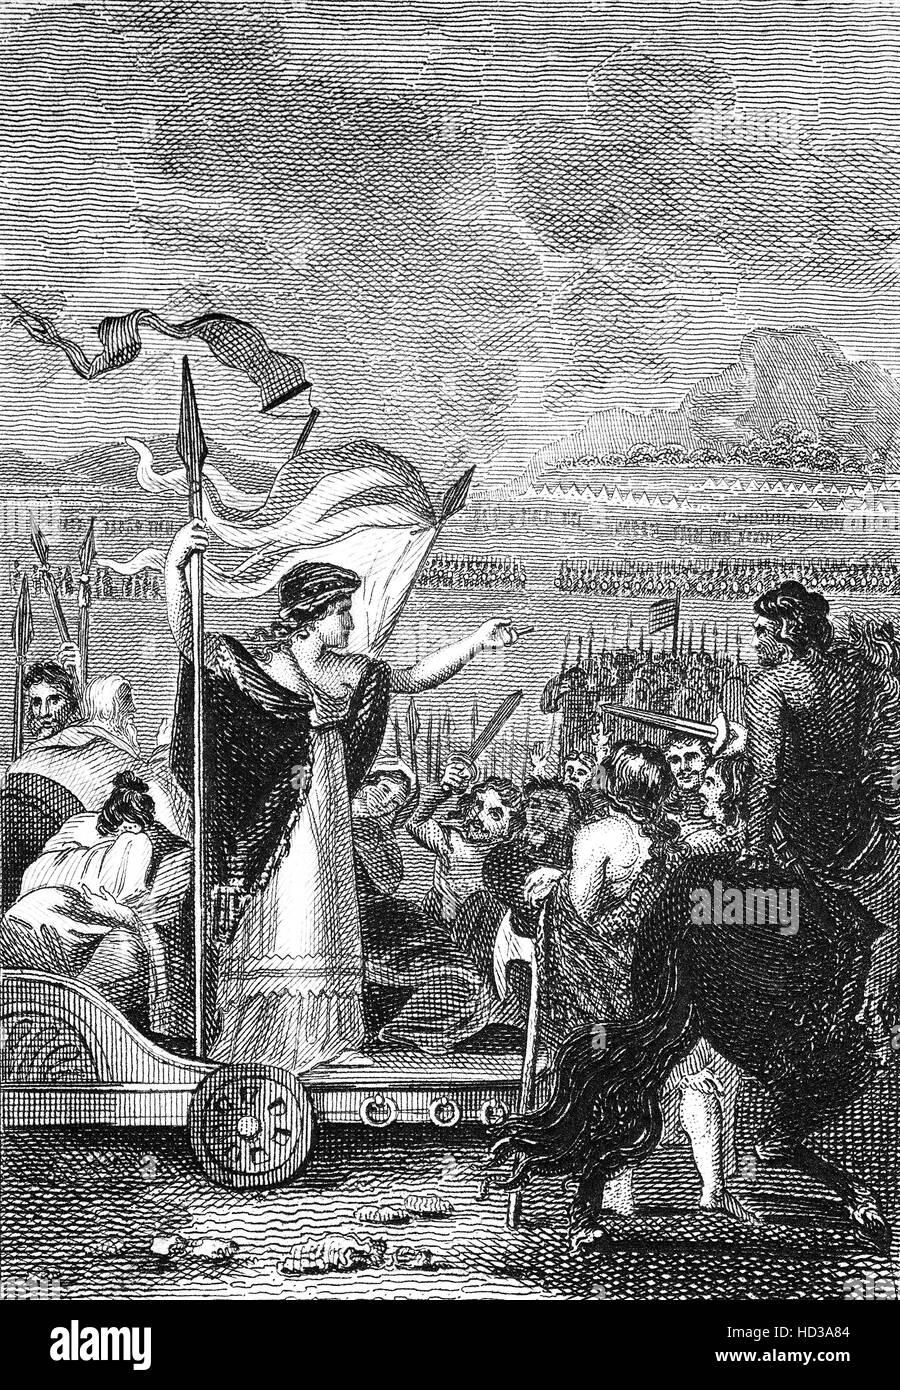 Boudicca, aka Boudicea, Königin des Stammes britischen keltischen Icener, mit ihren Truppen vor einem Aufstand Stockbild